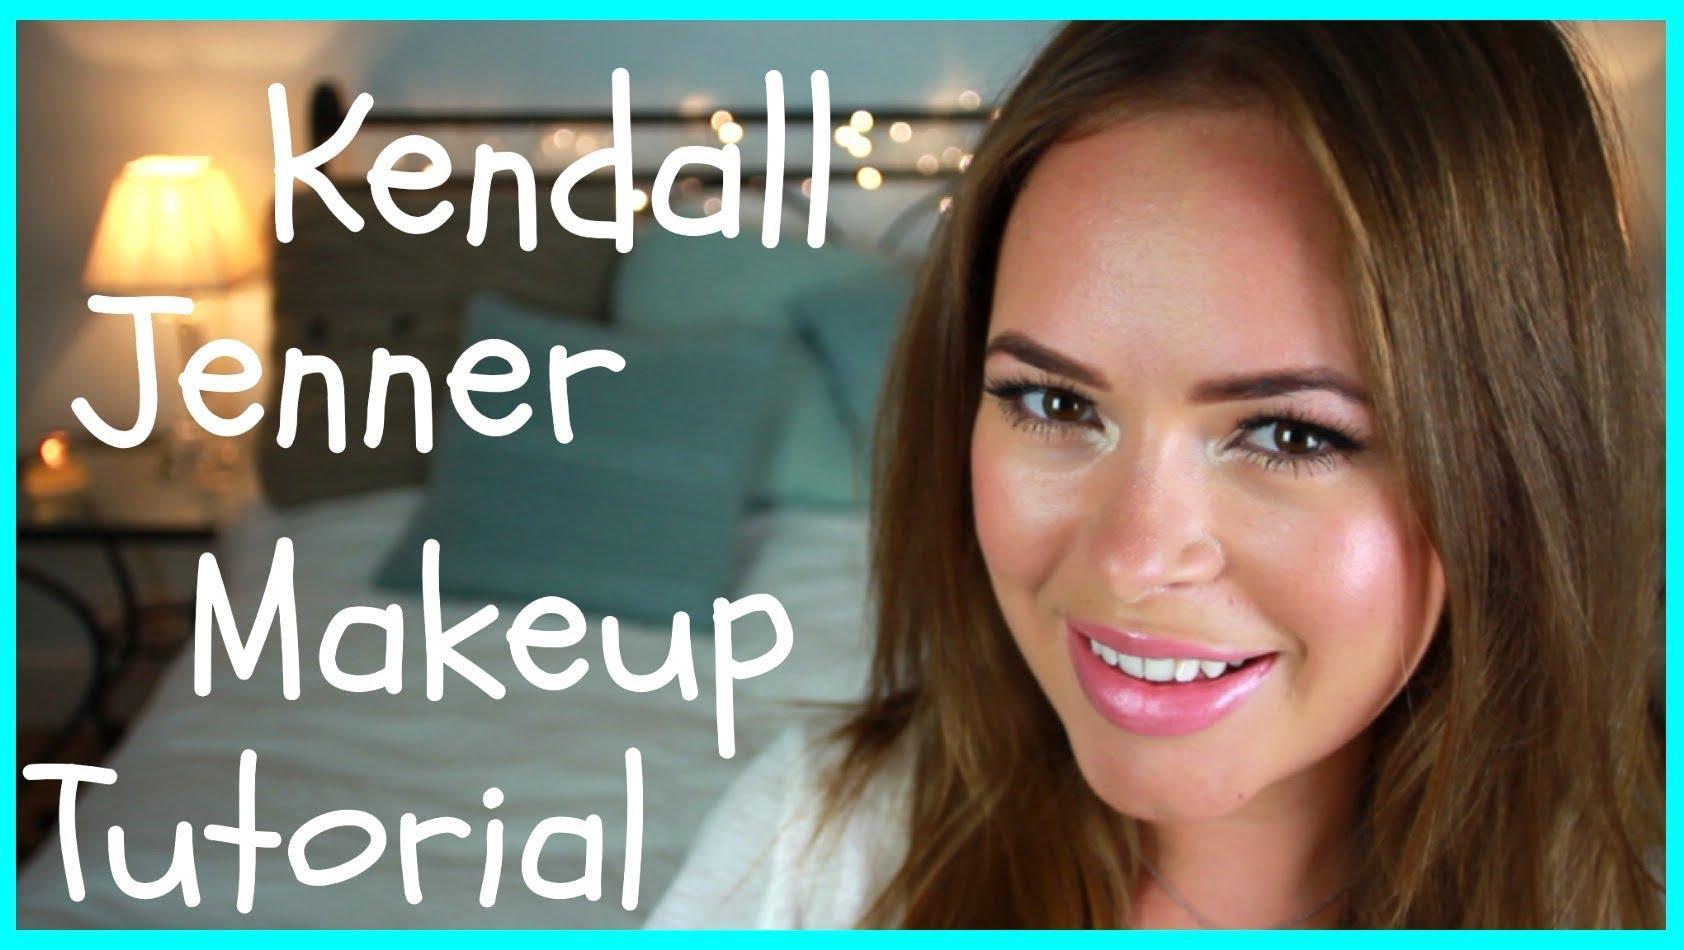 Kendall Jenner Makeup Tutorial!